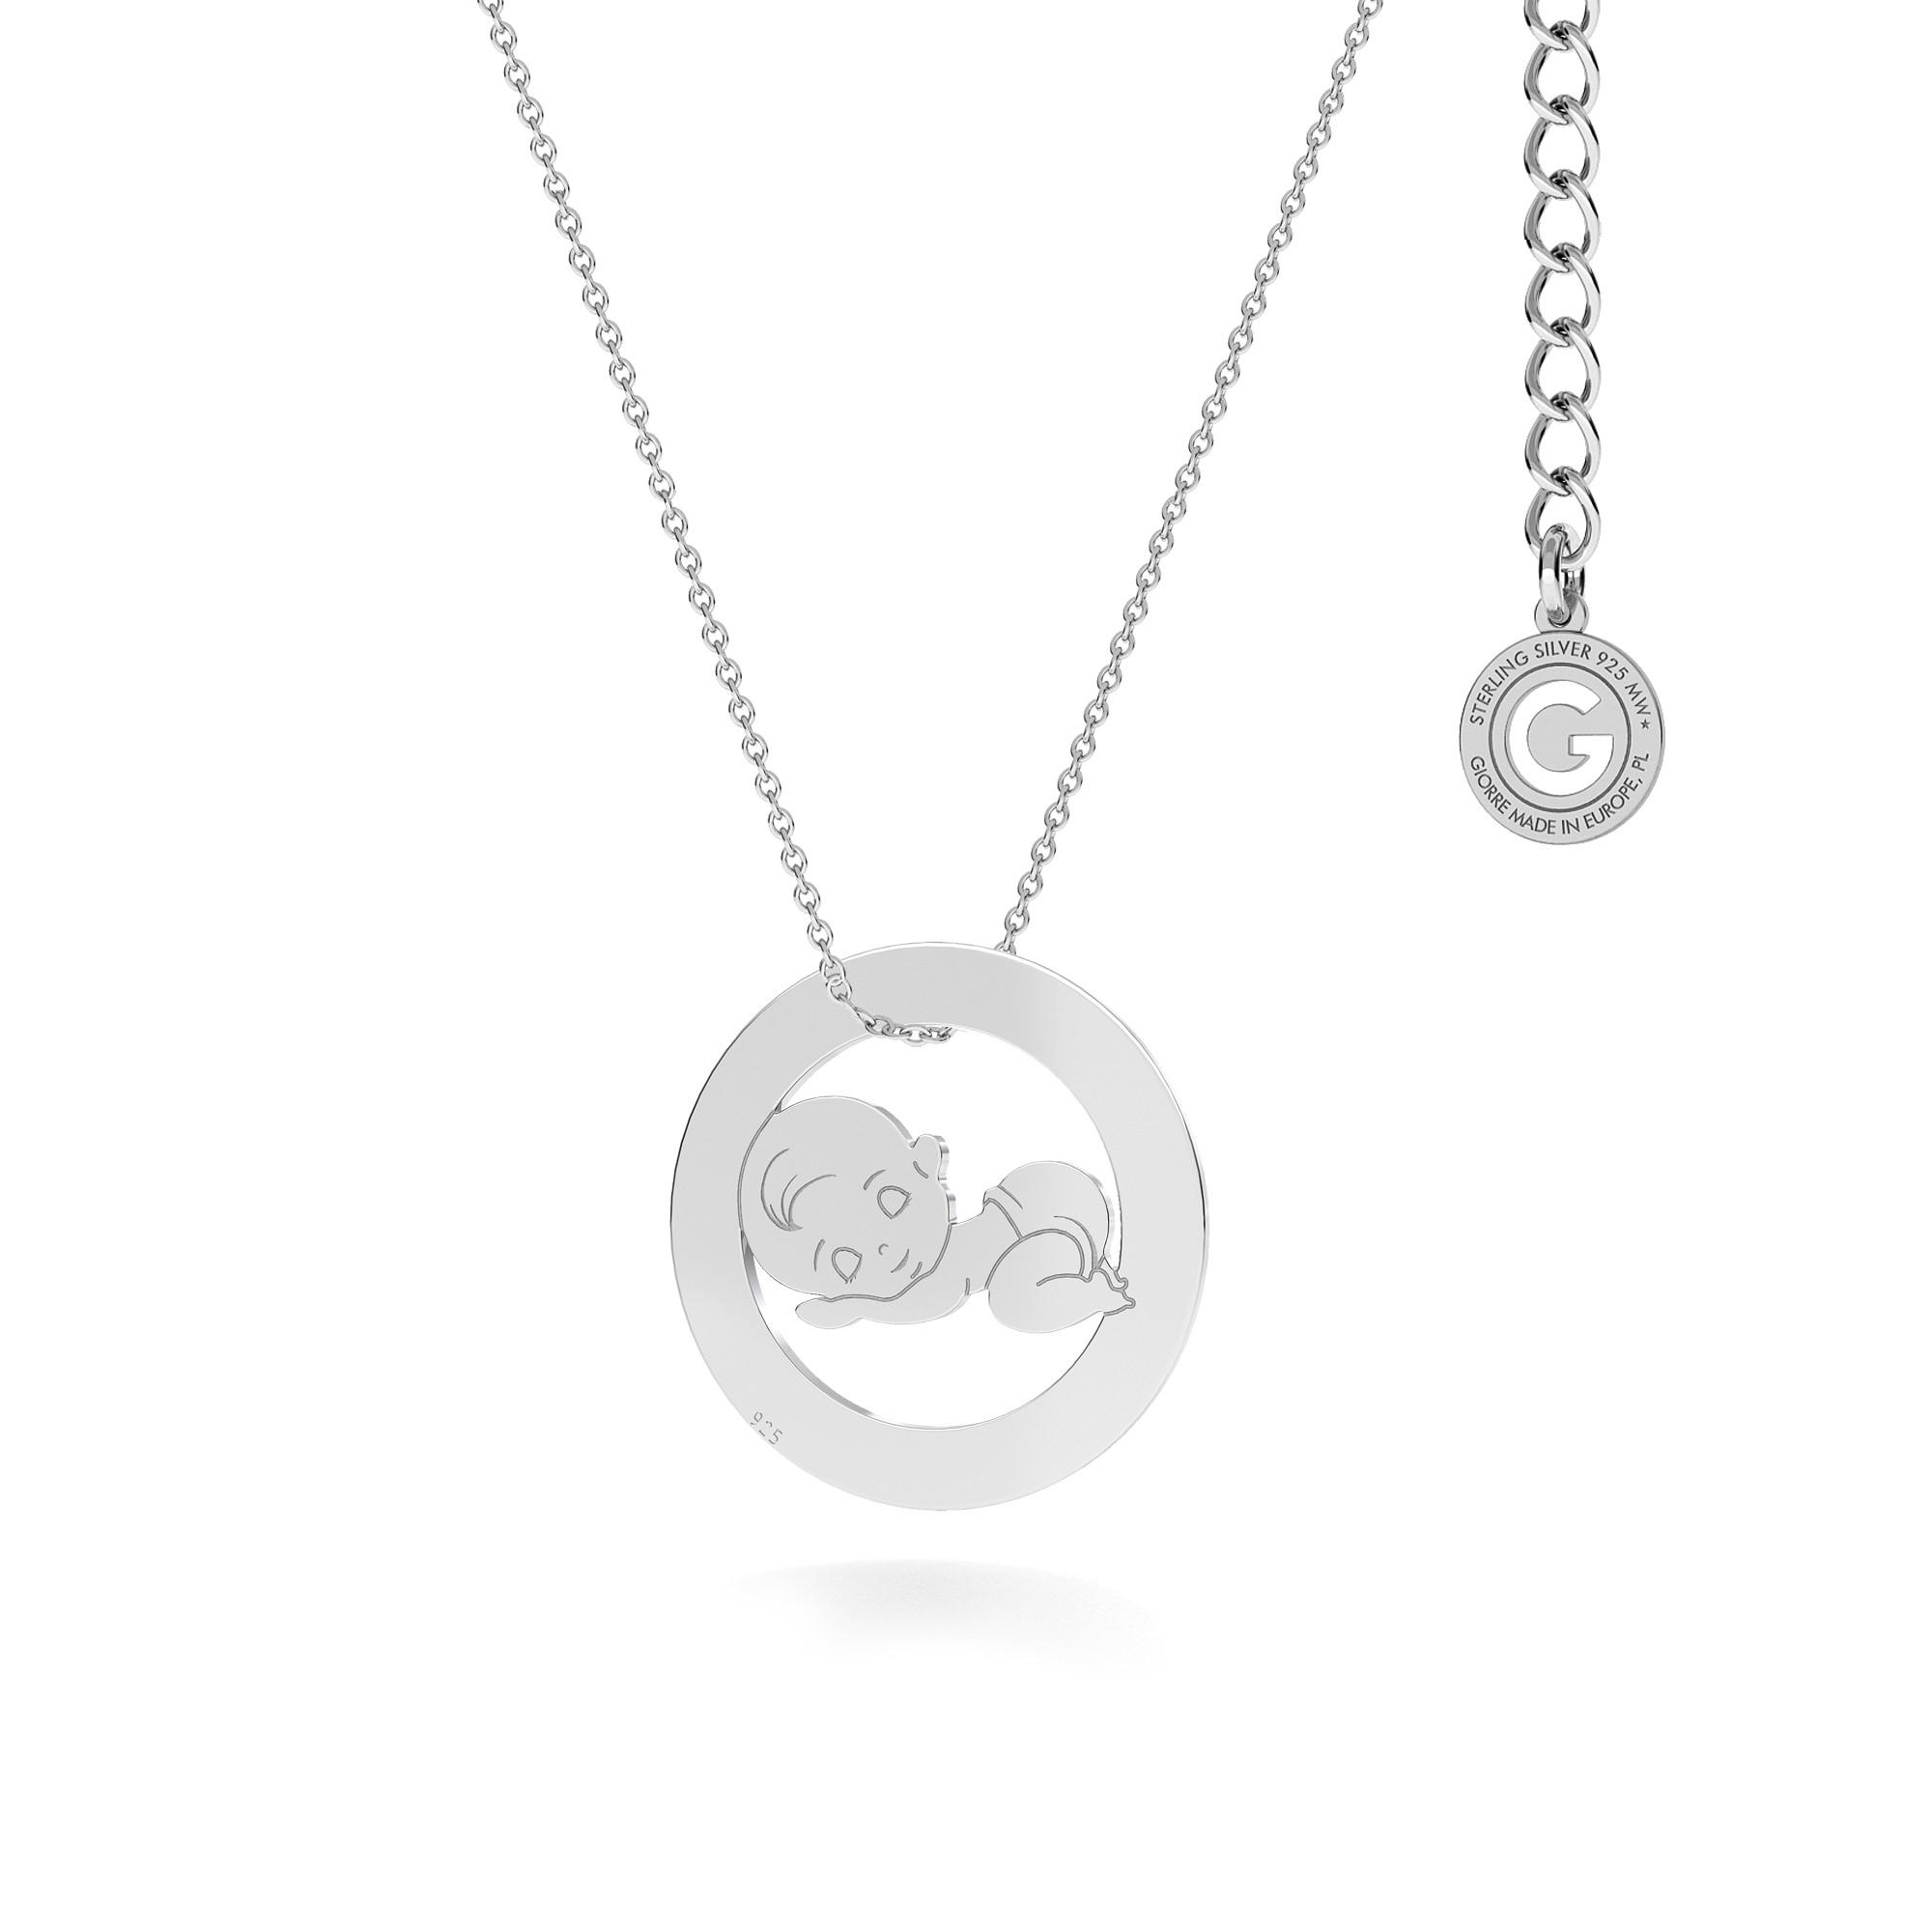 Collar para madre e hijo, nino grabado, plata 925